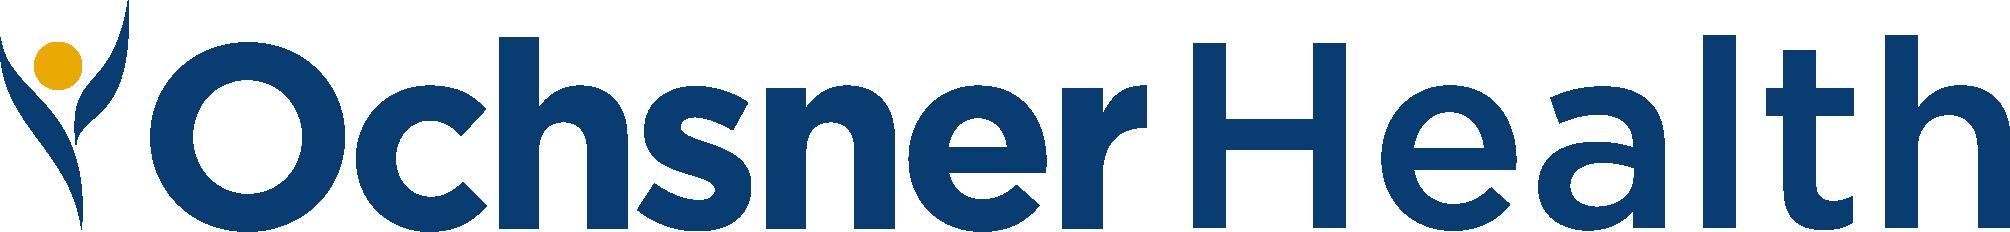 Ochsner Health logo